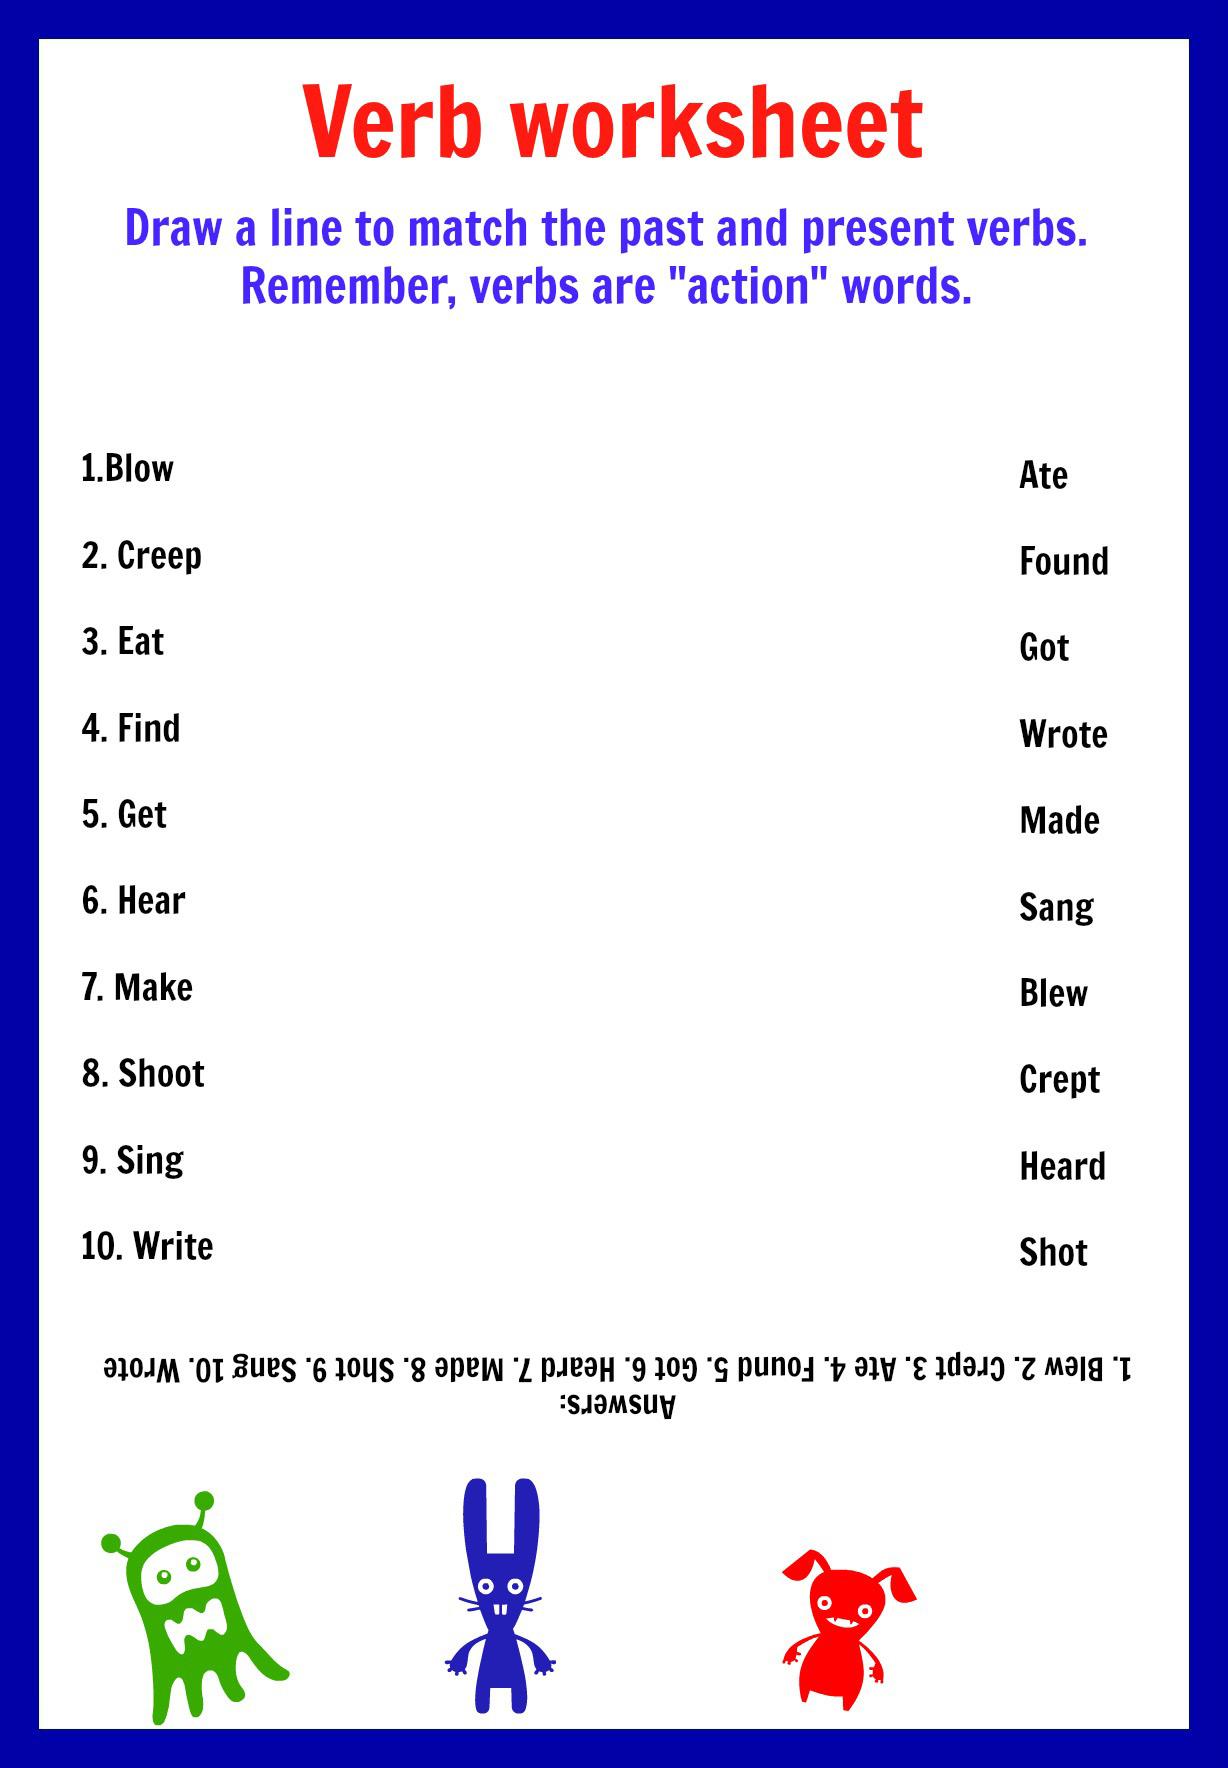 Verbs - Printable - Worksheets | Verb To Be Worksheets Printable